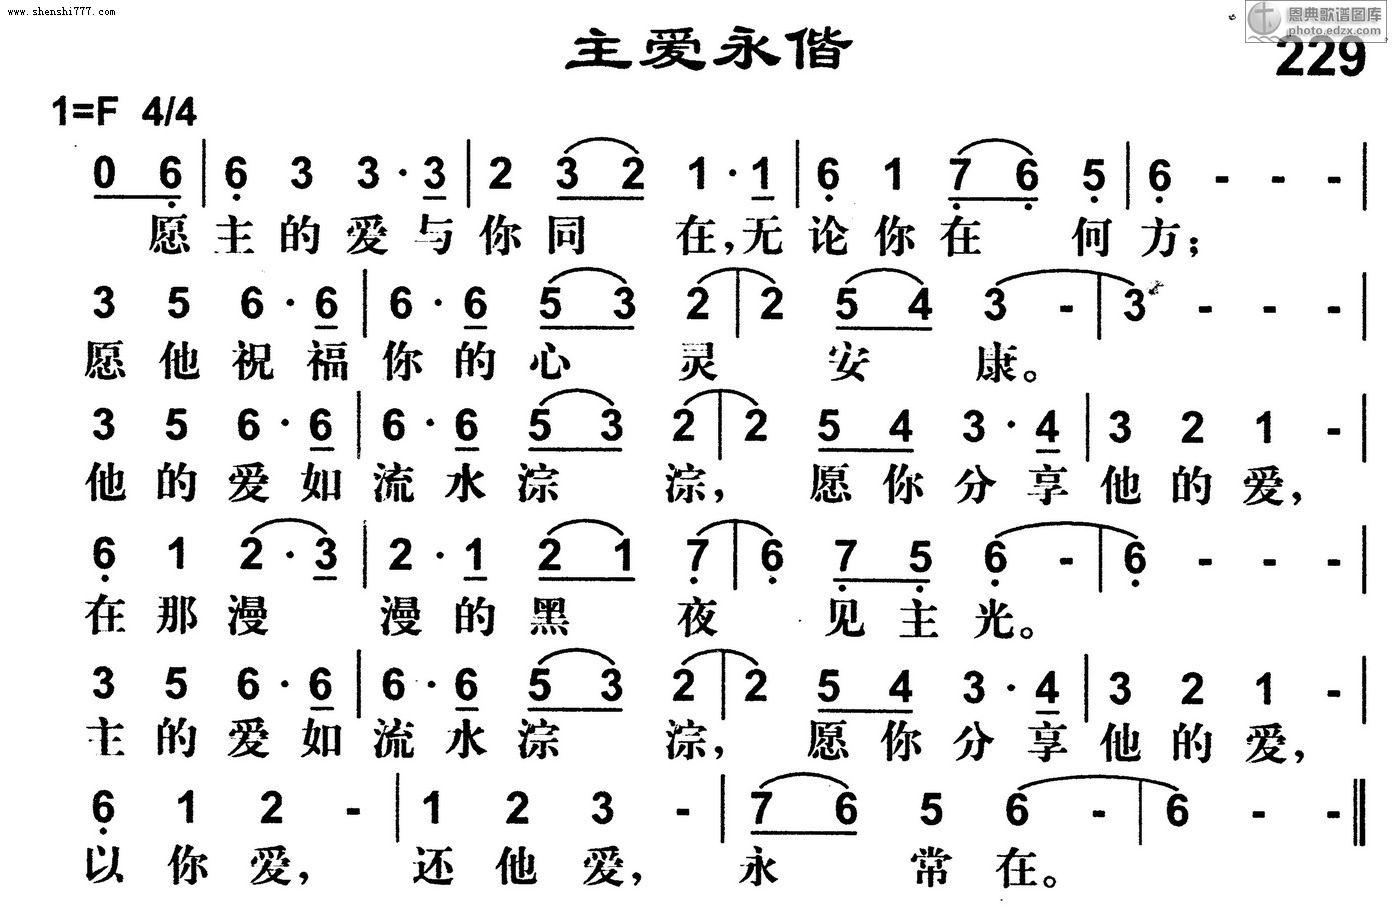 229首主爱永偕 - 基督教歌谱赞美诗歌谱